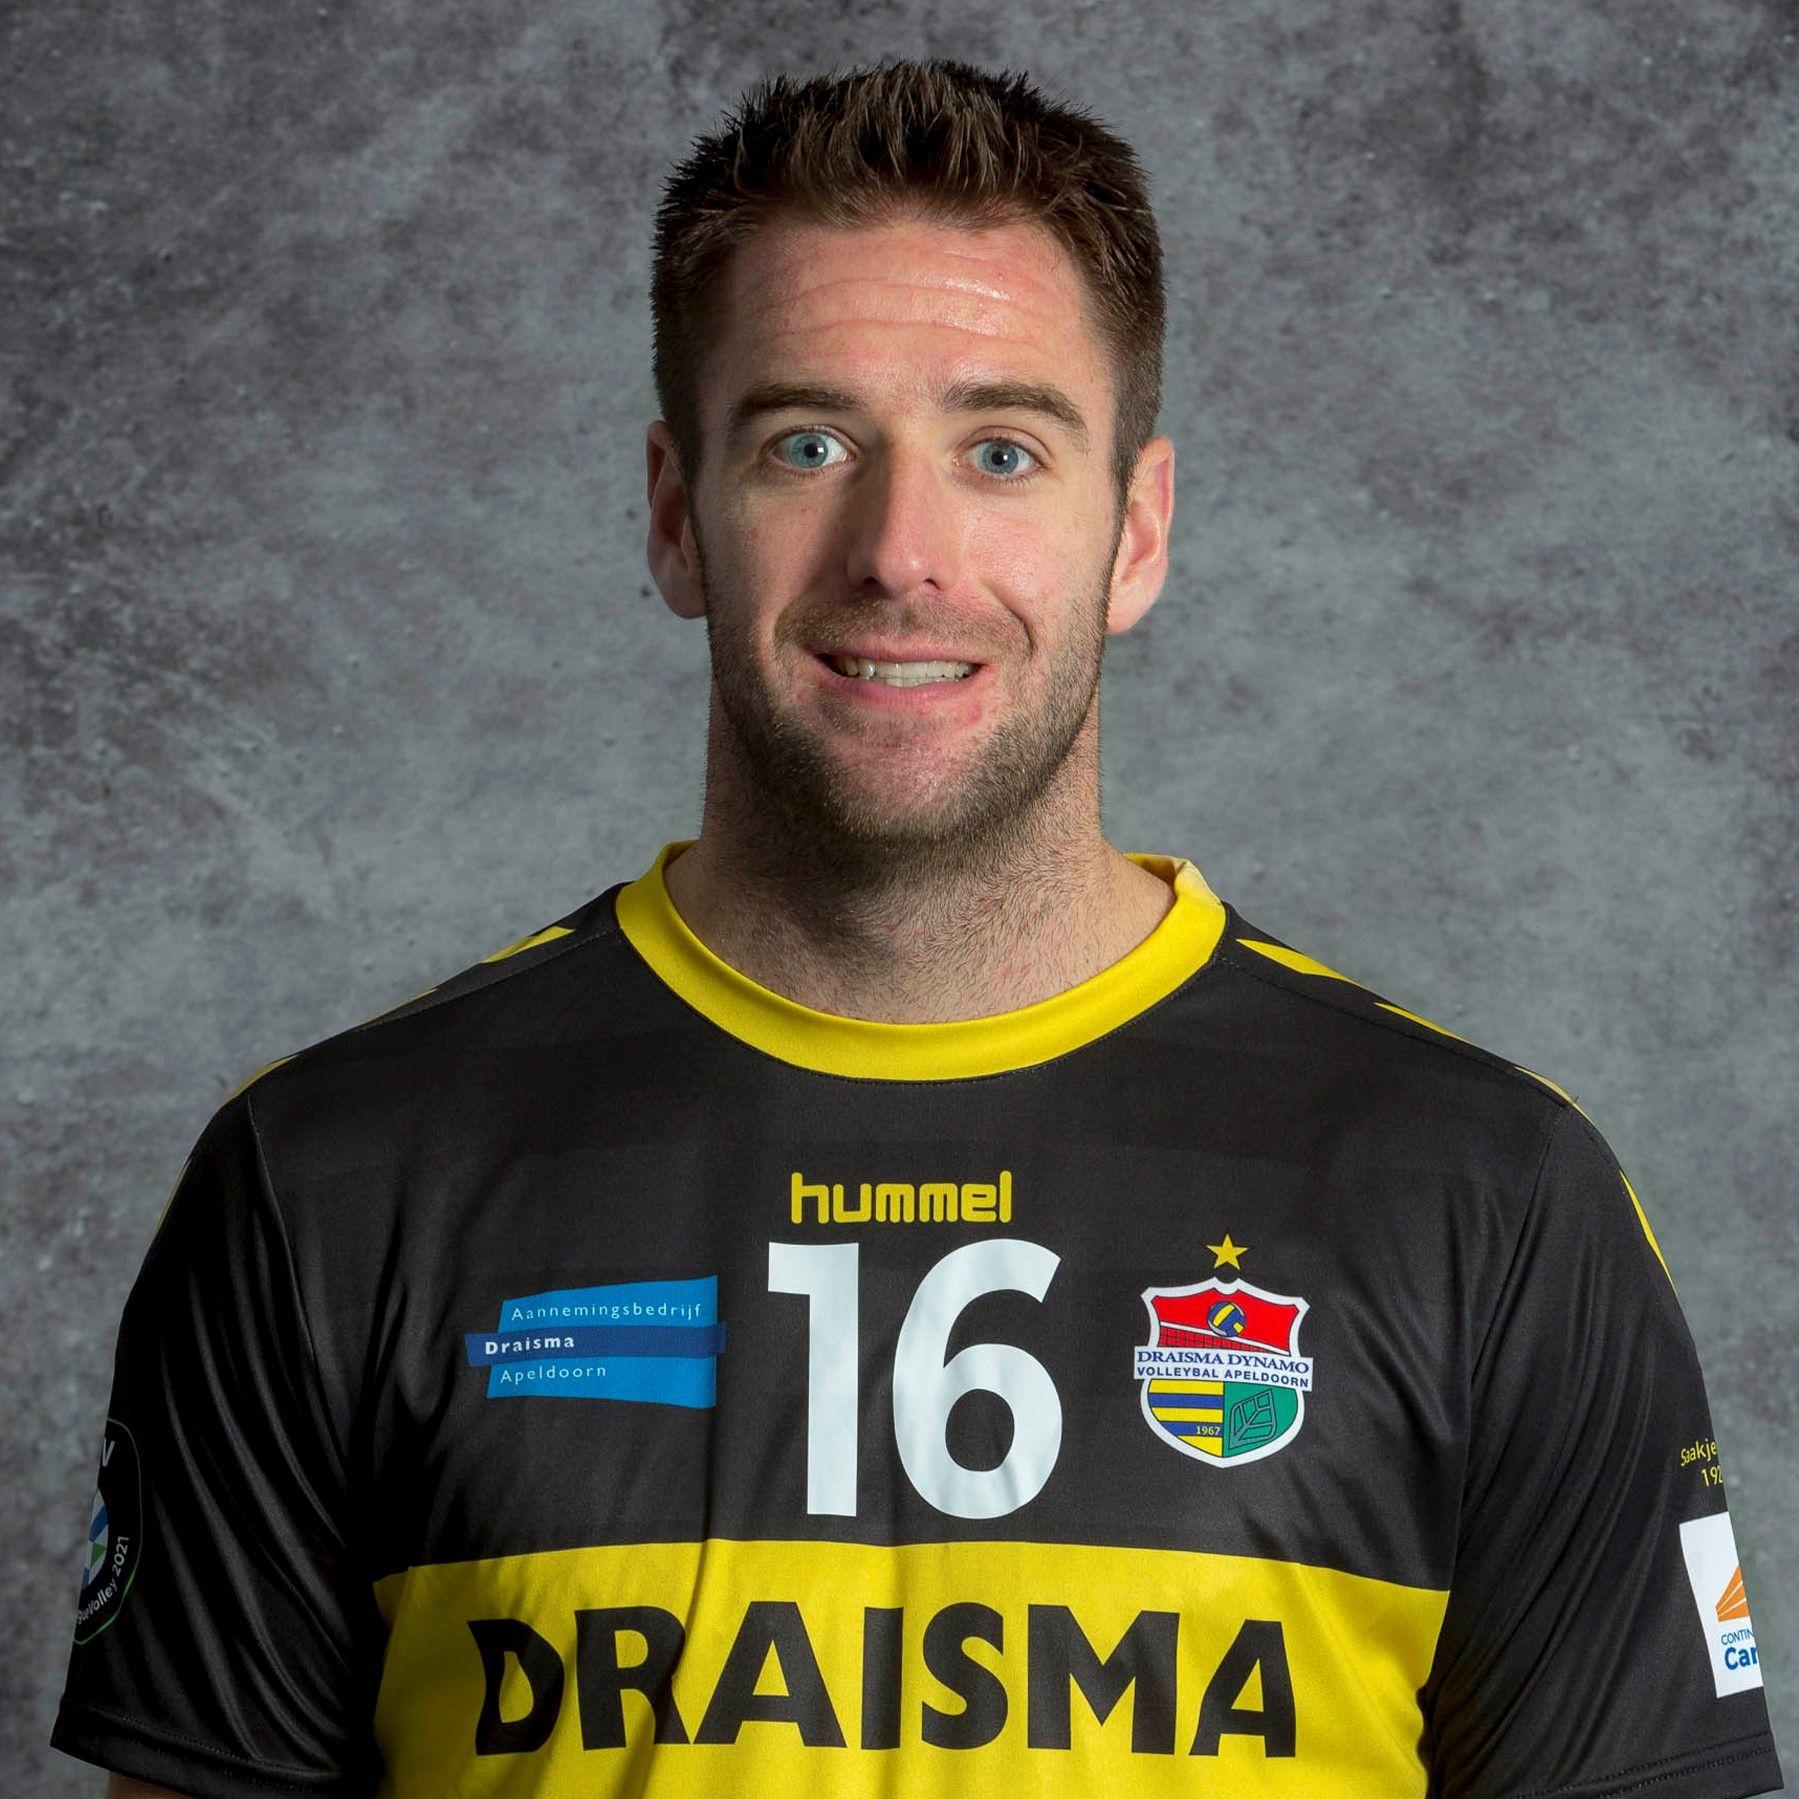 Mats Kruiswijk